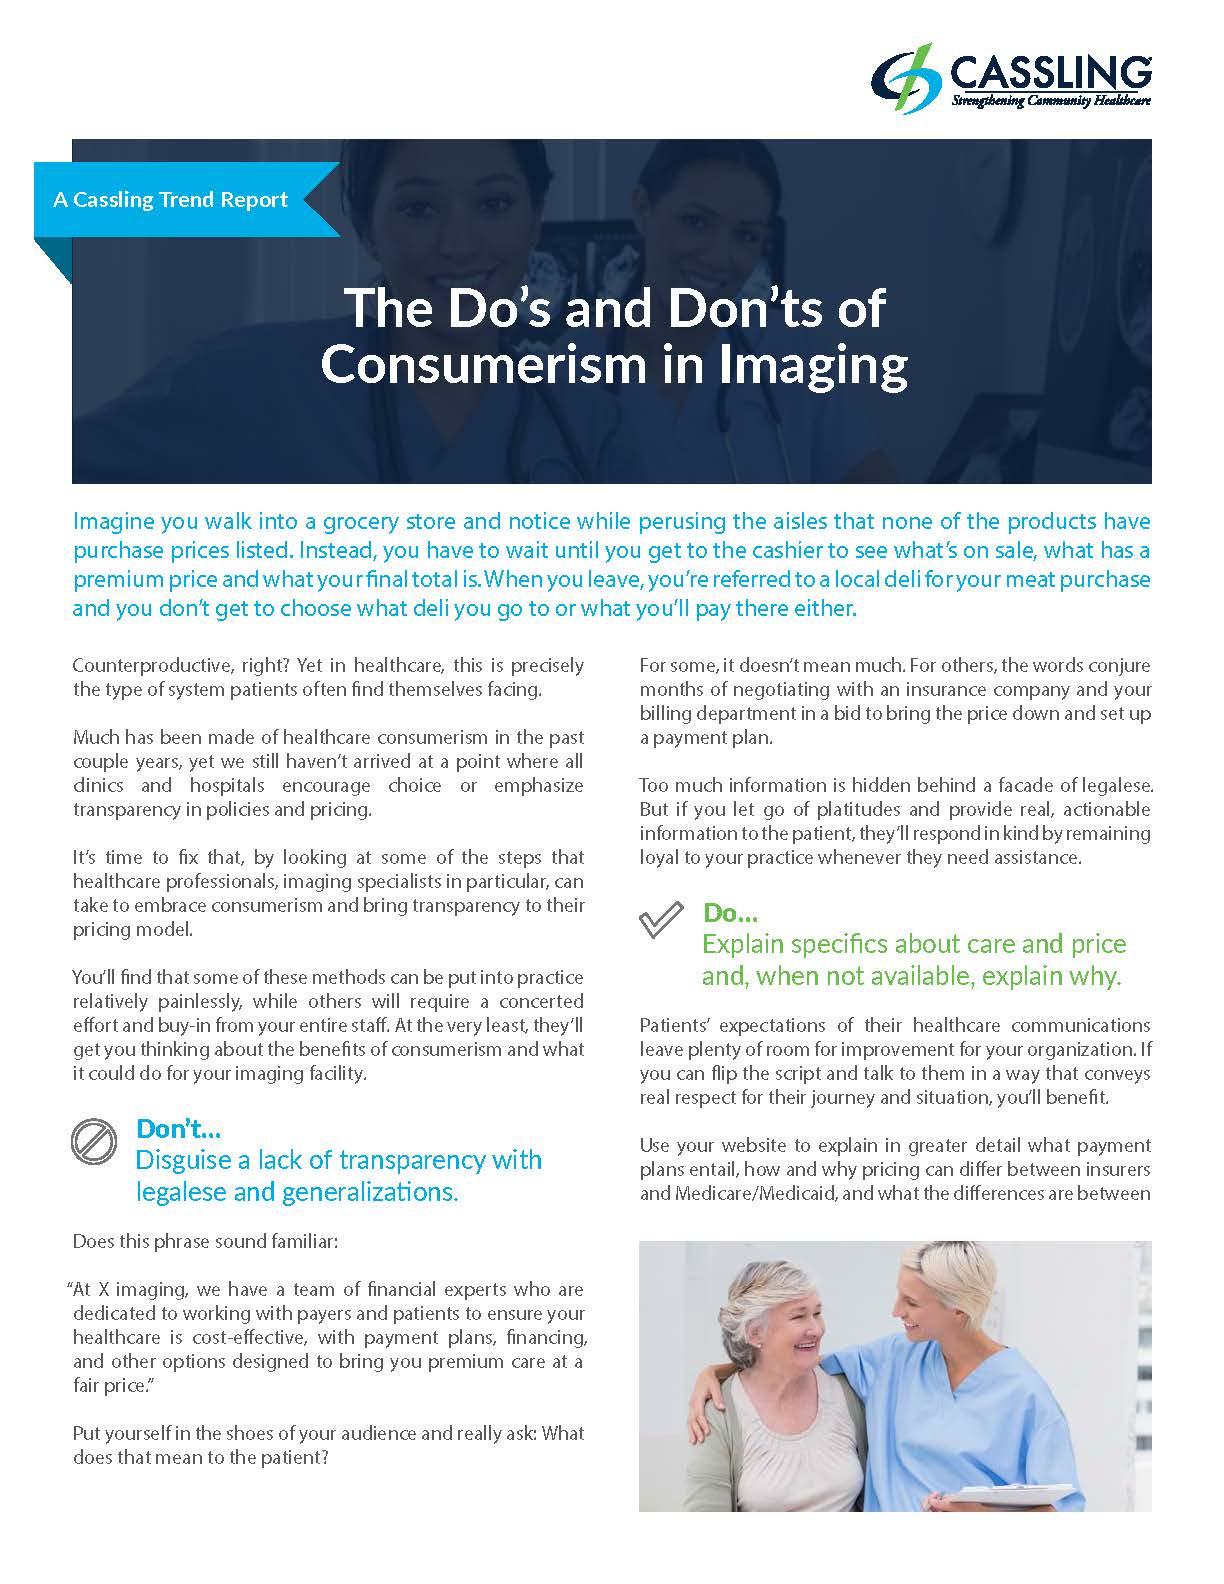 Do's-Don'ts-Consumerism-Imaging-TrendReport Cover.jpg